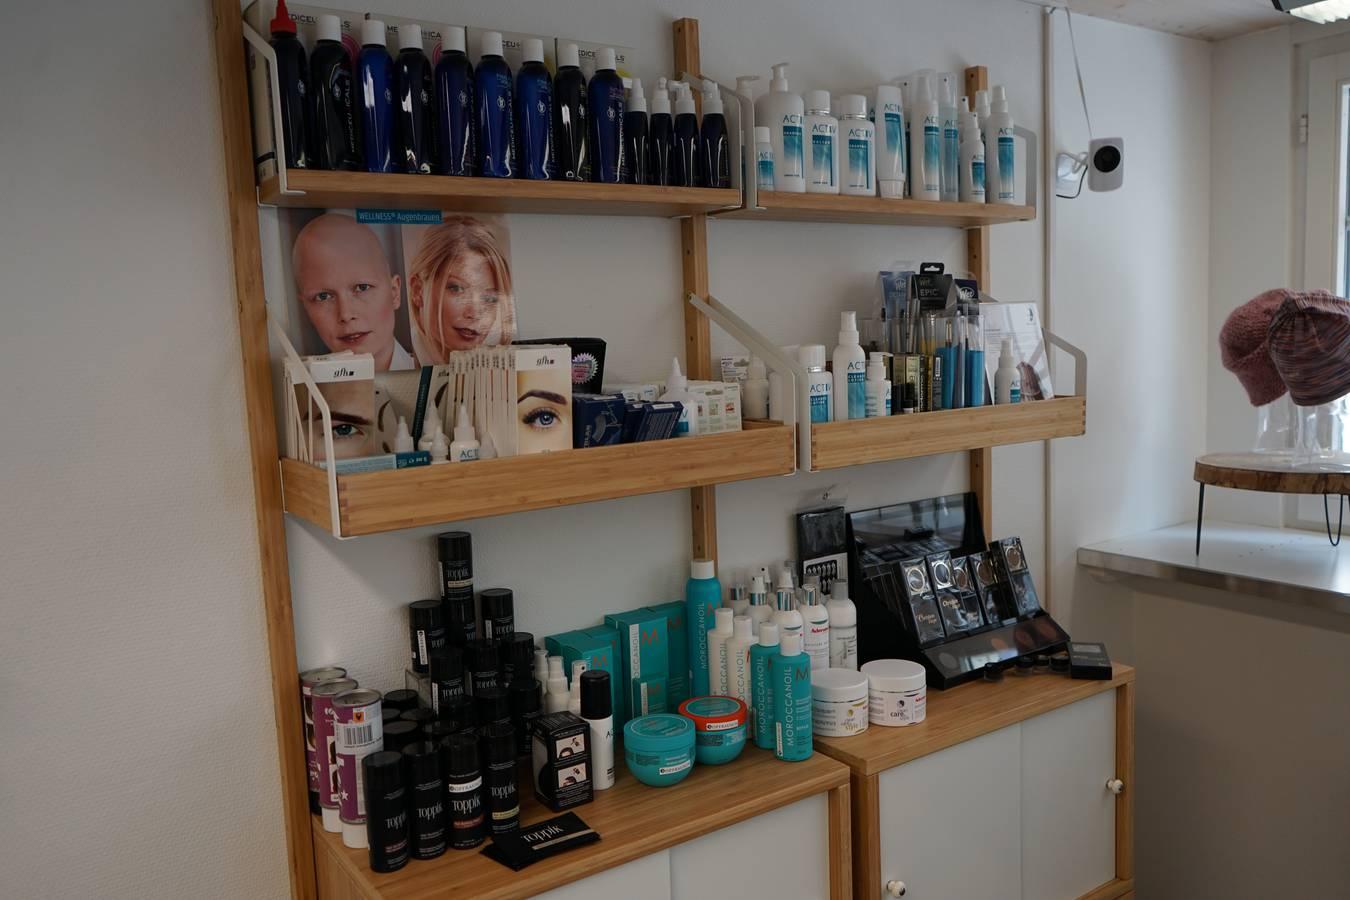 Speziell an ihrem Shop ist, dass die Produkte von Betroffenen getestet, zusammengestellt und weitgehend in der Region produziert werden. (© FM1Today)